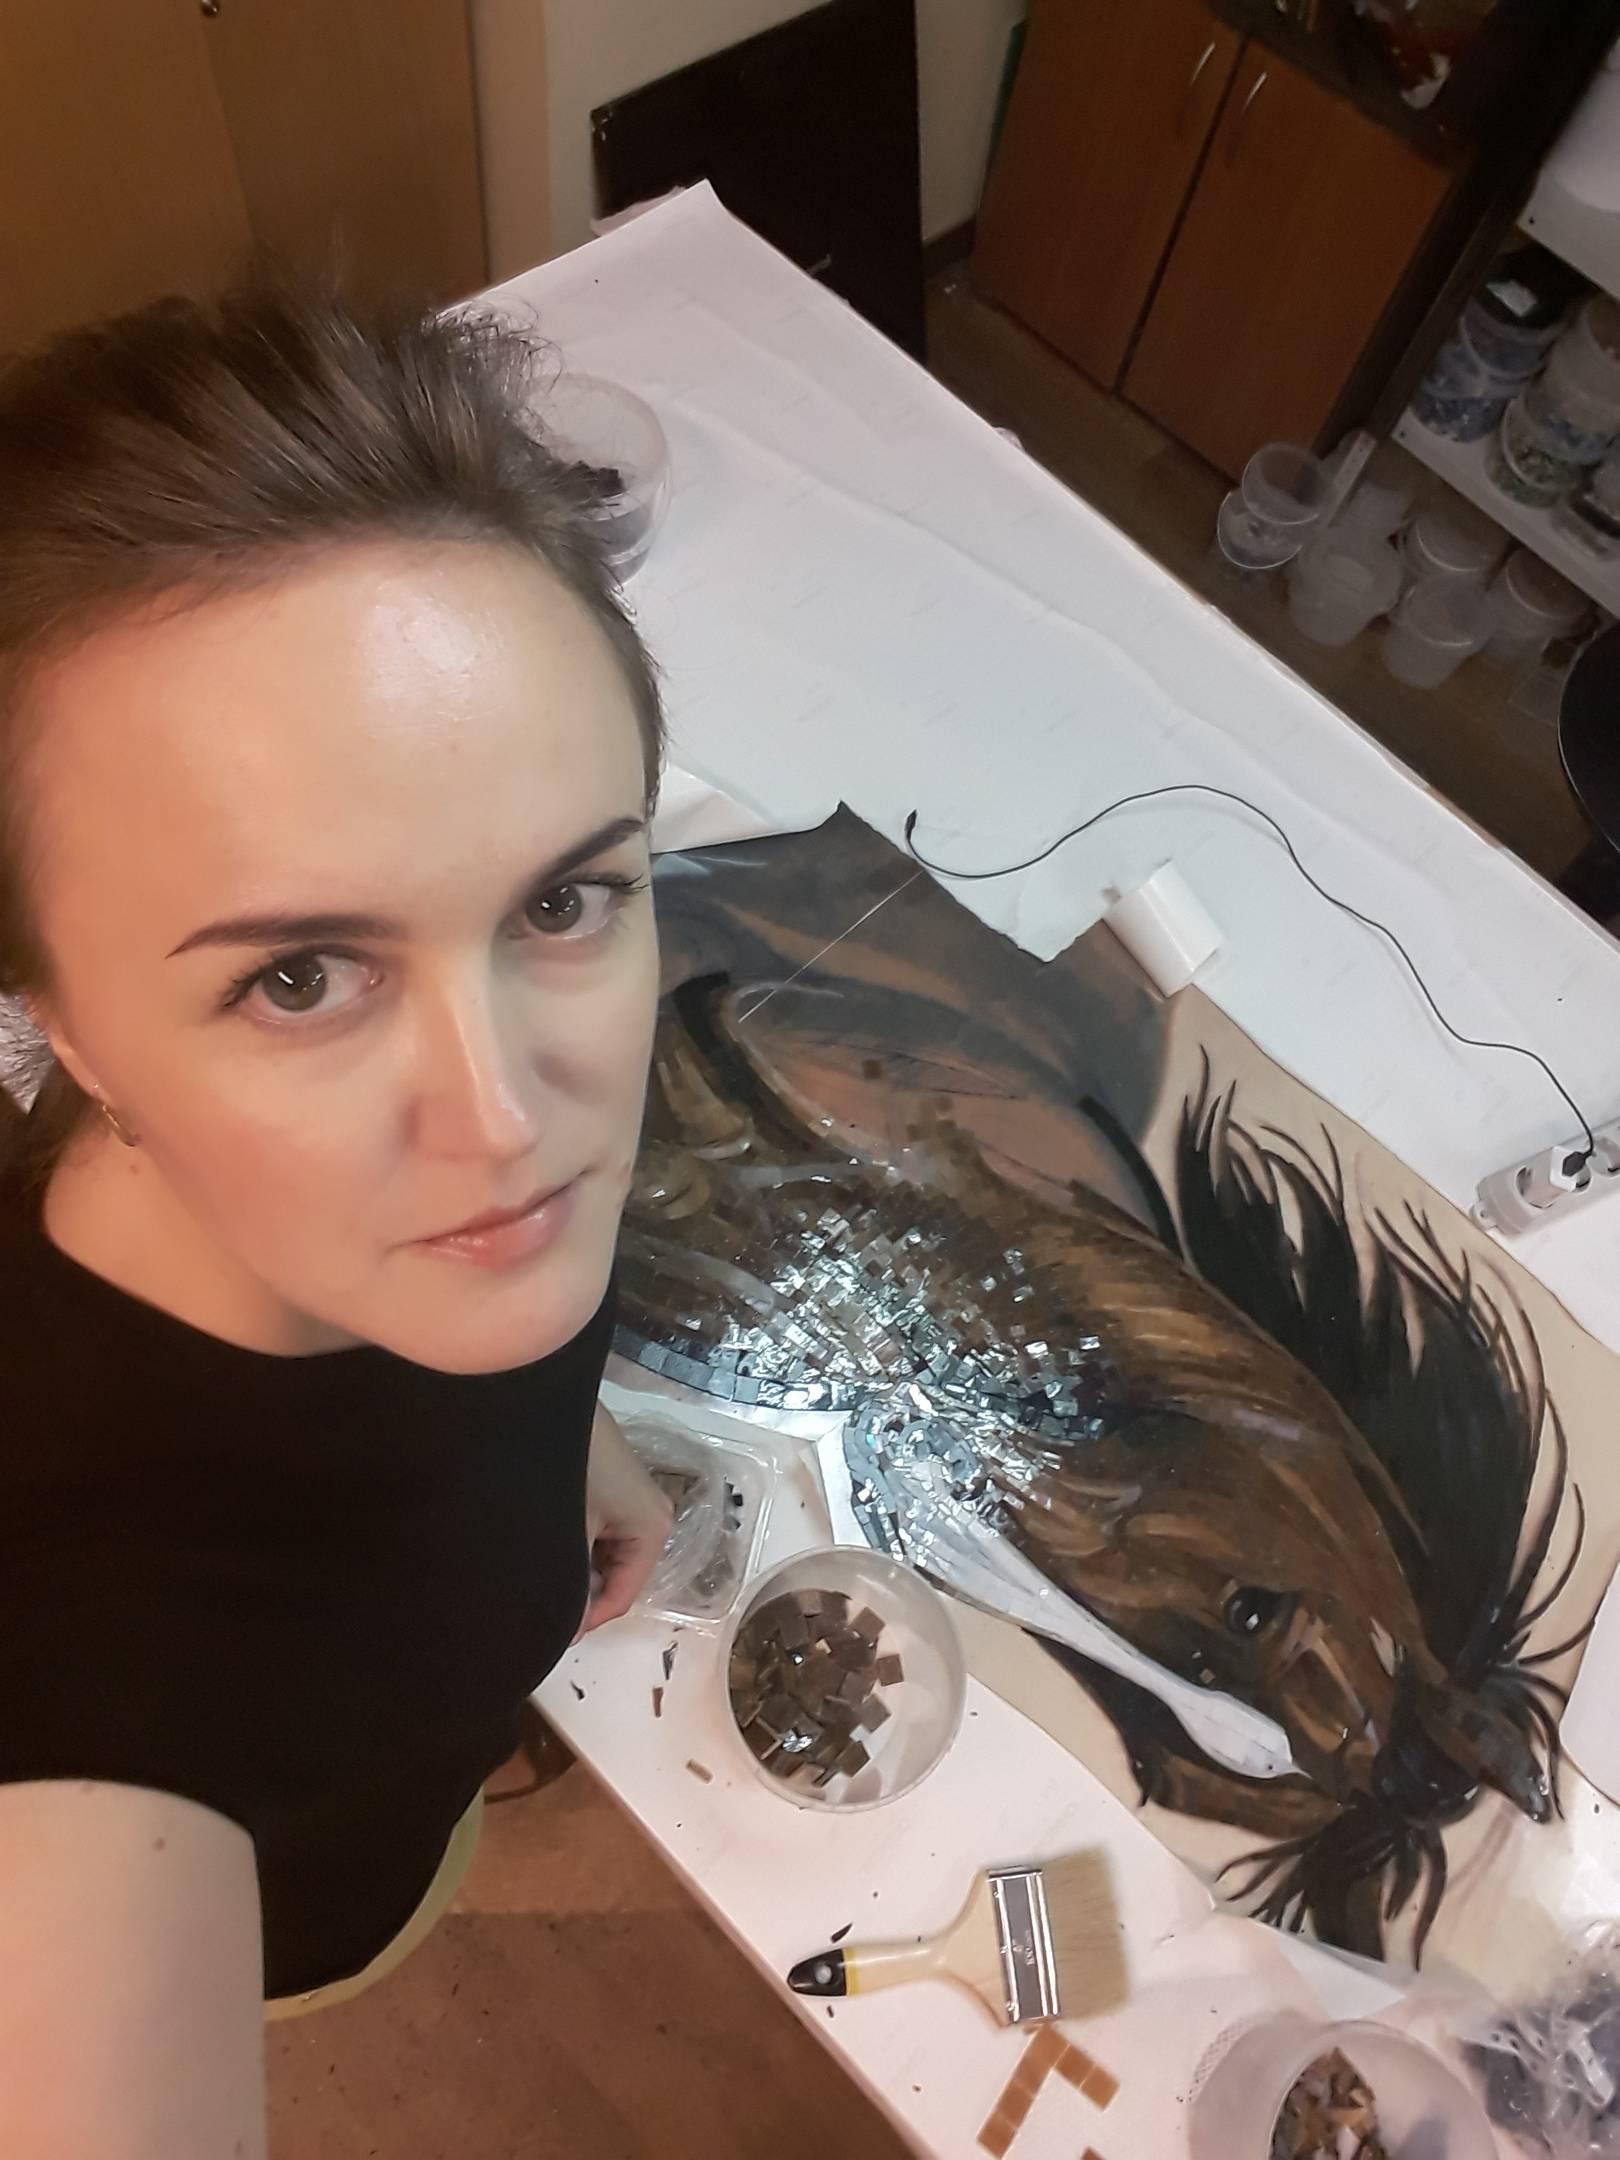 Лошадь  выполнена из витражного стекла. Гладкая  поверхность материала  создает  глянцевый эффект на поверхности картины, это придает блеск  и ощущение отполированной картины.